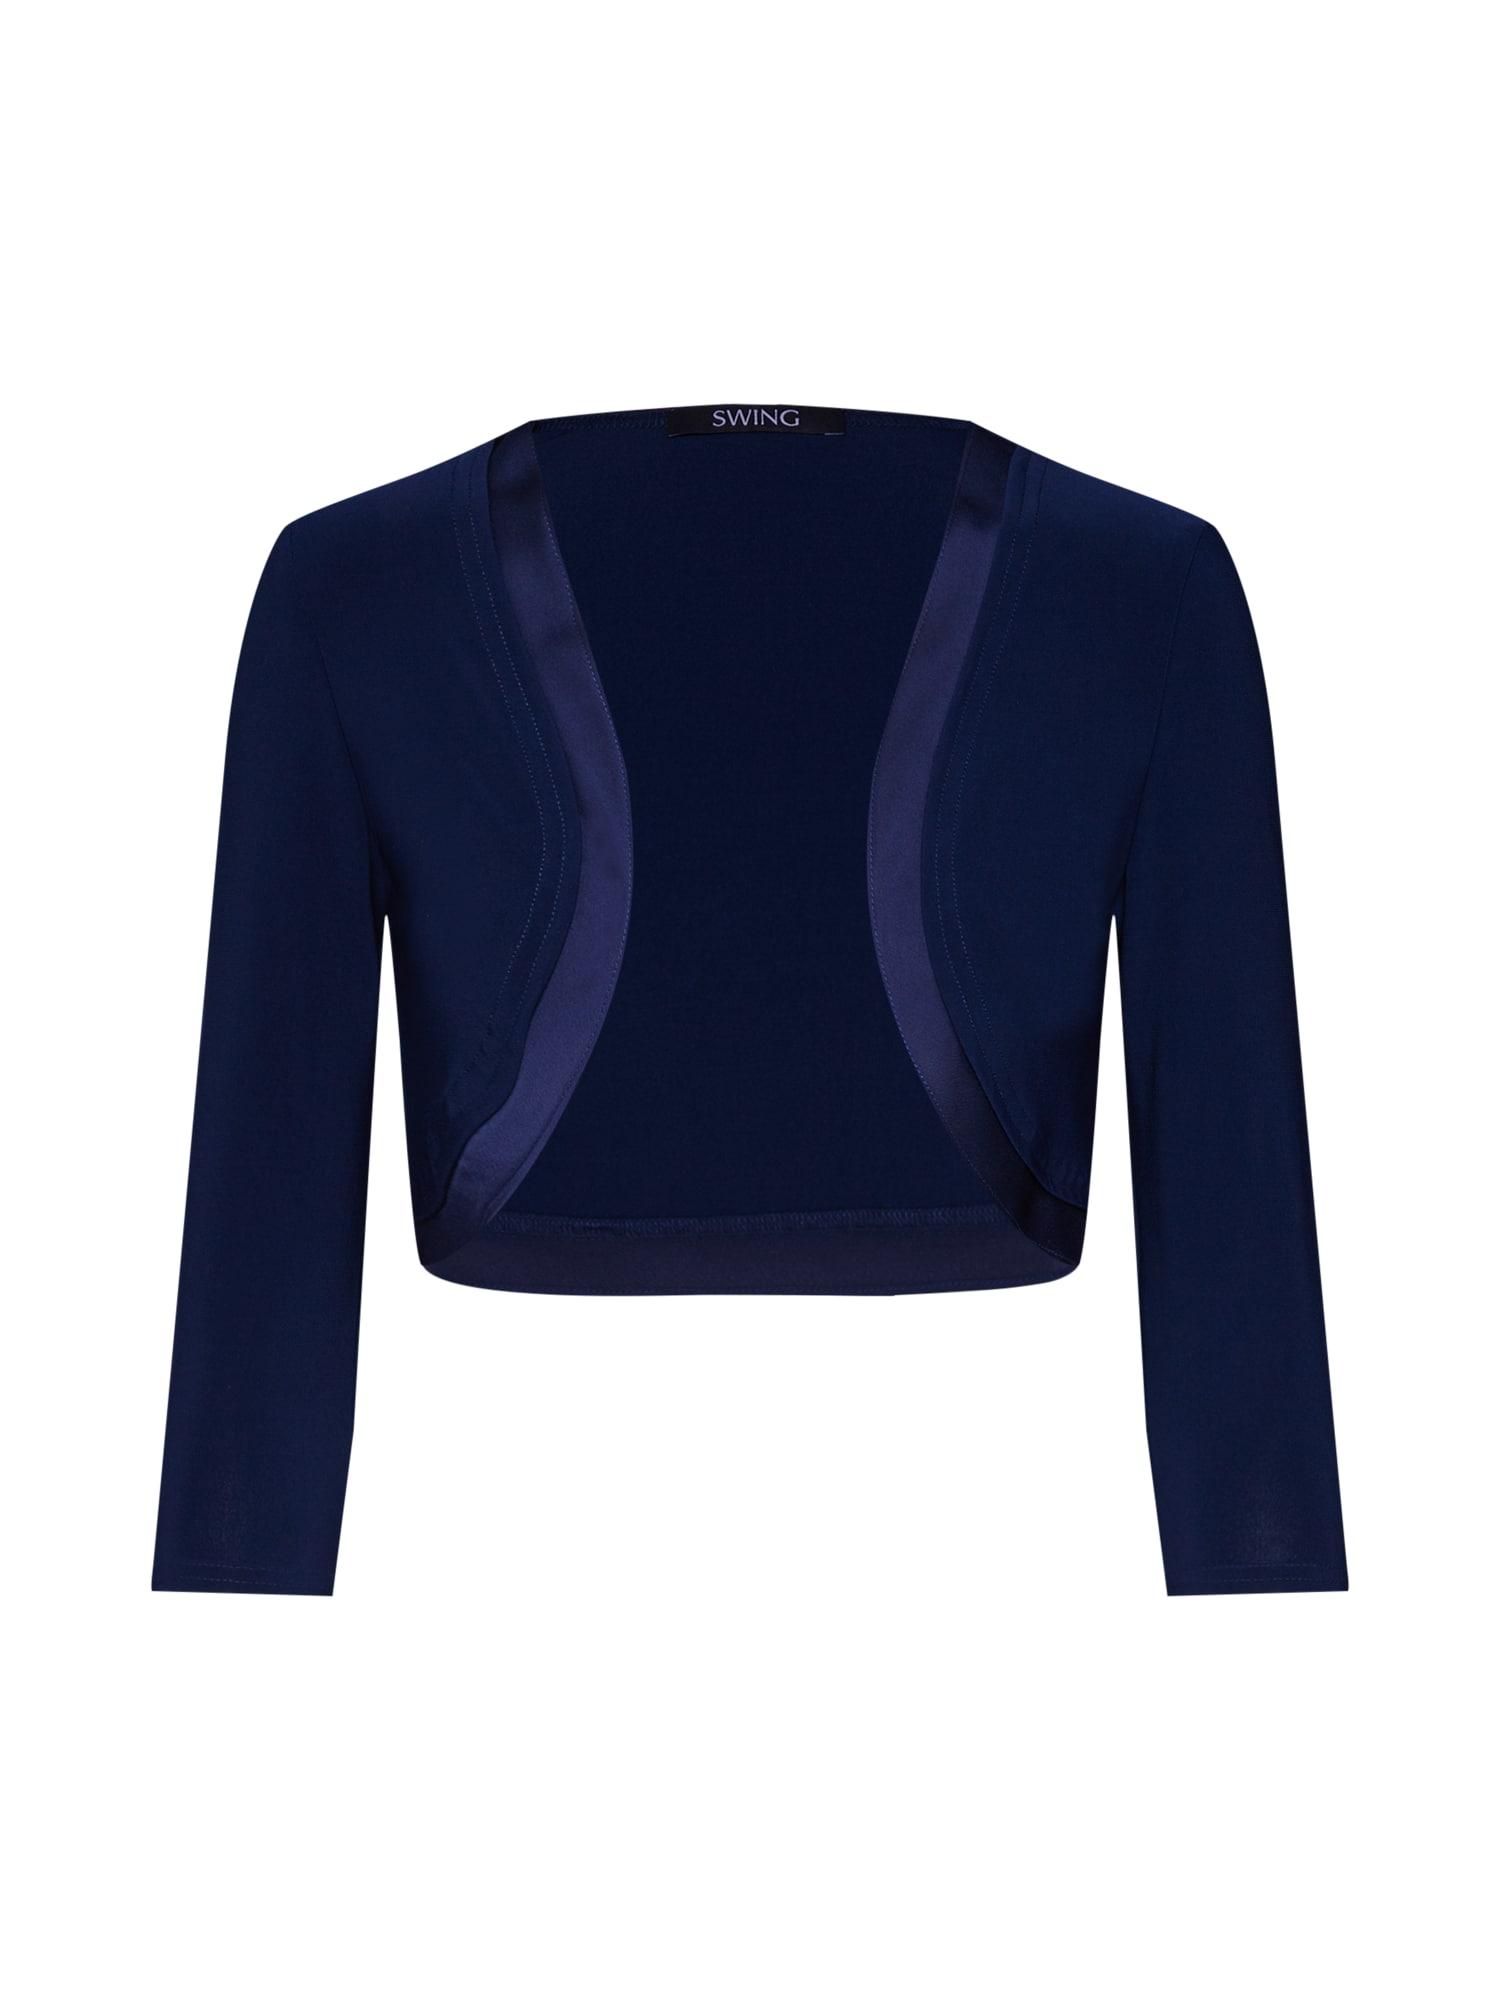 Bolerko Bolero - Jersey marine modrá SWING